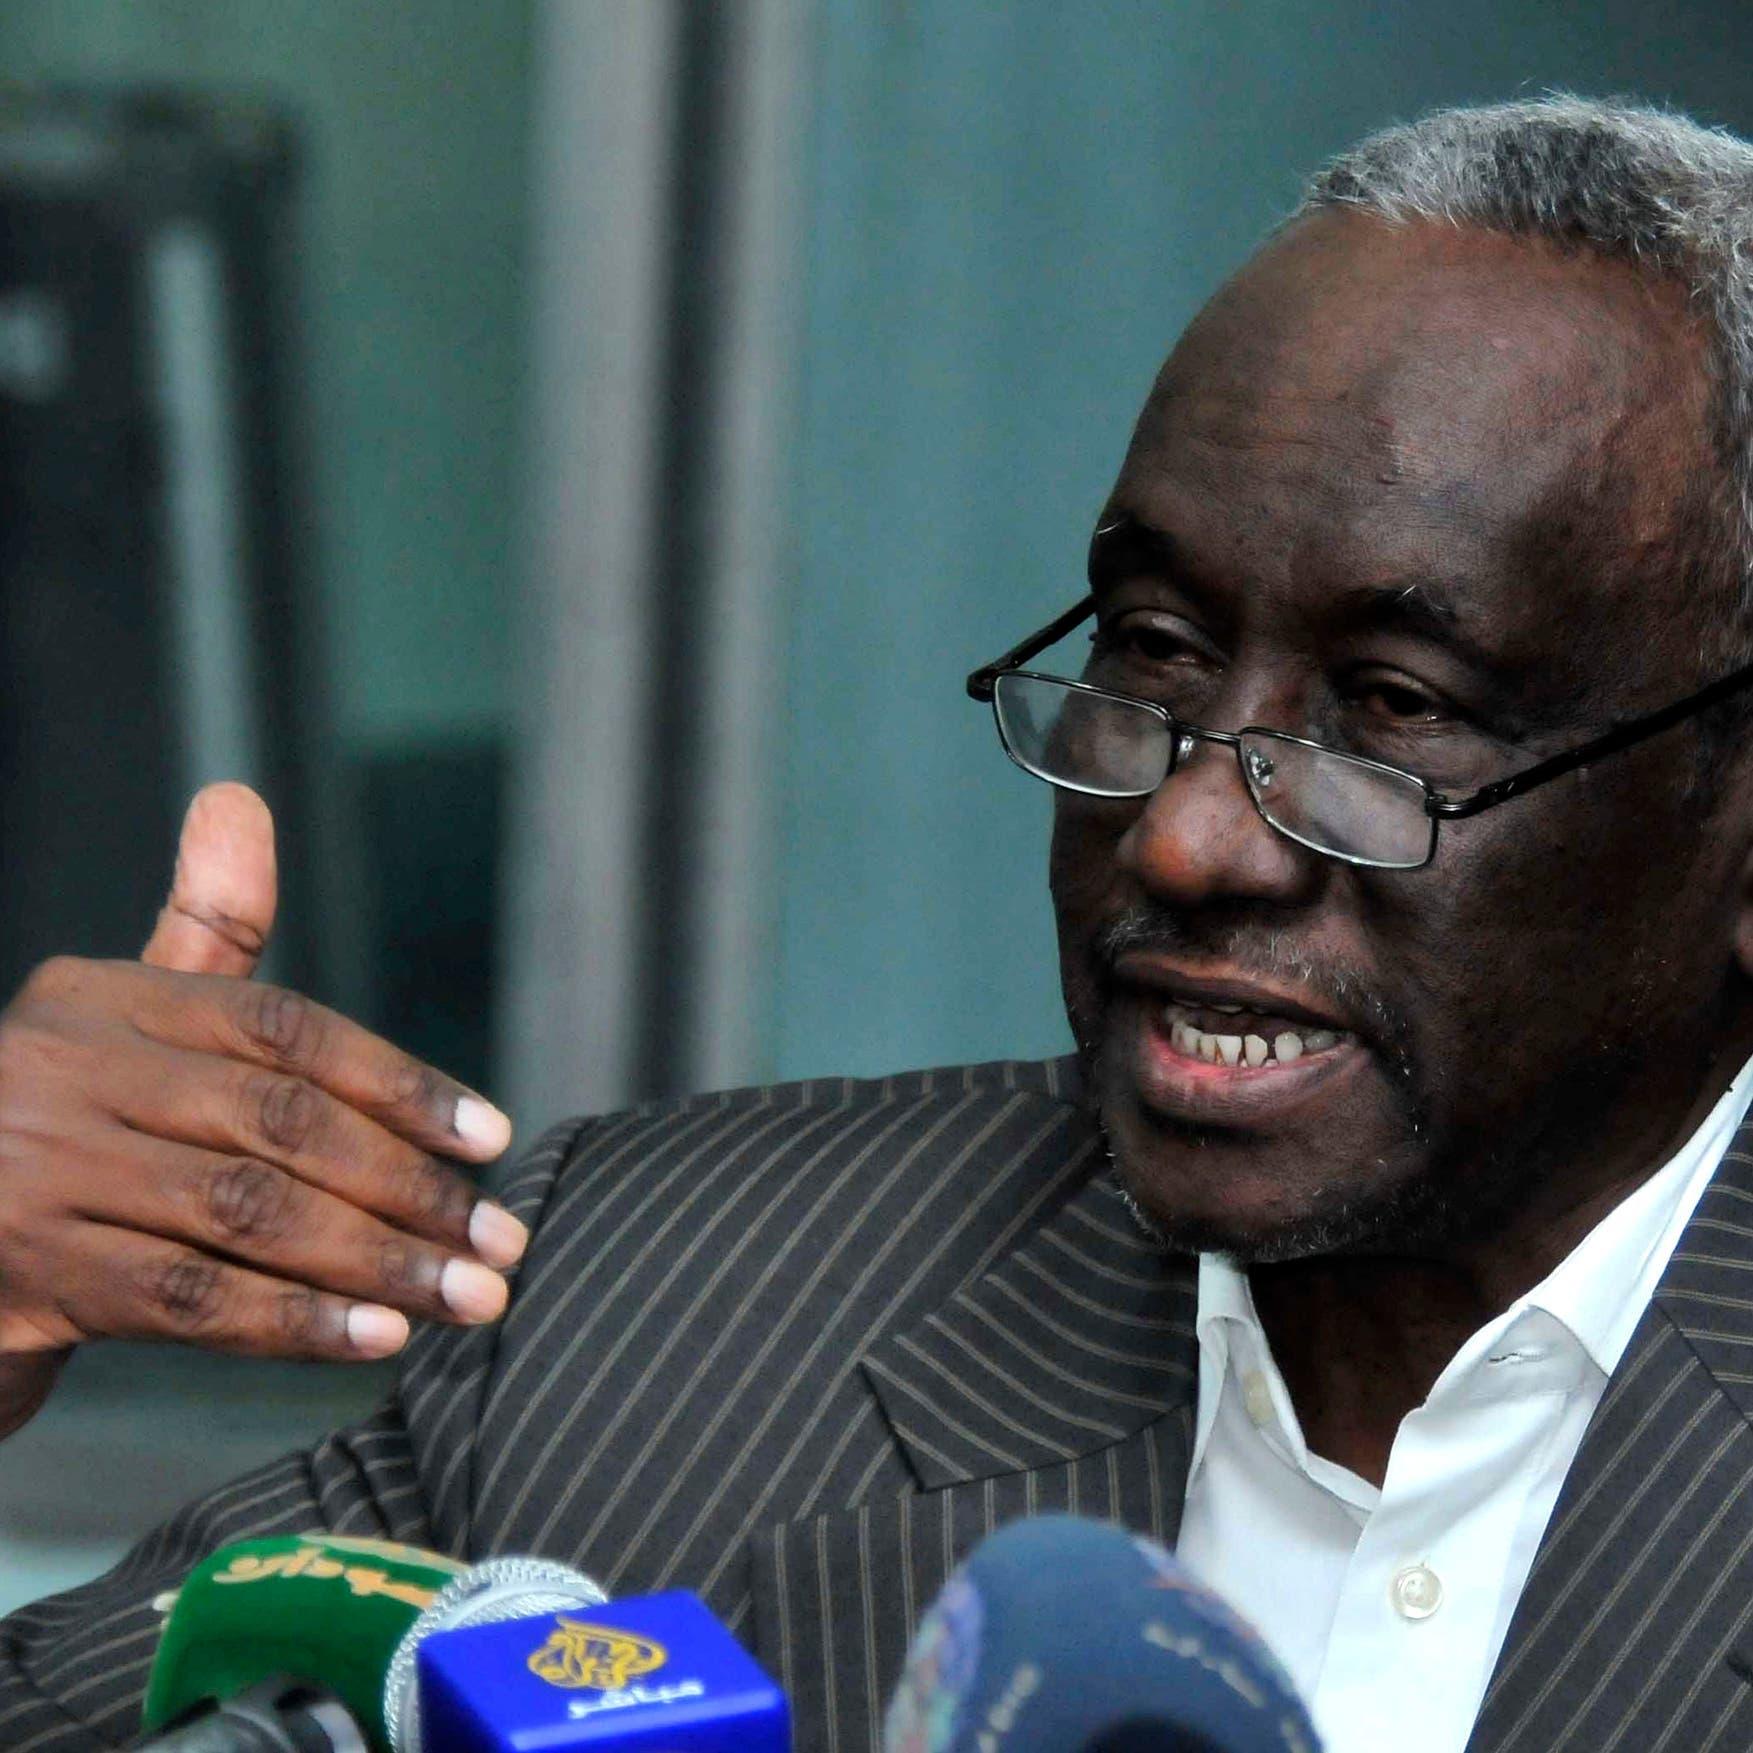 السودان.. إصابة نائب البشير ومسؤولين سابقين بكورونا